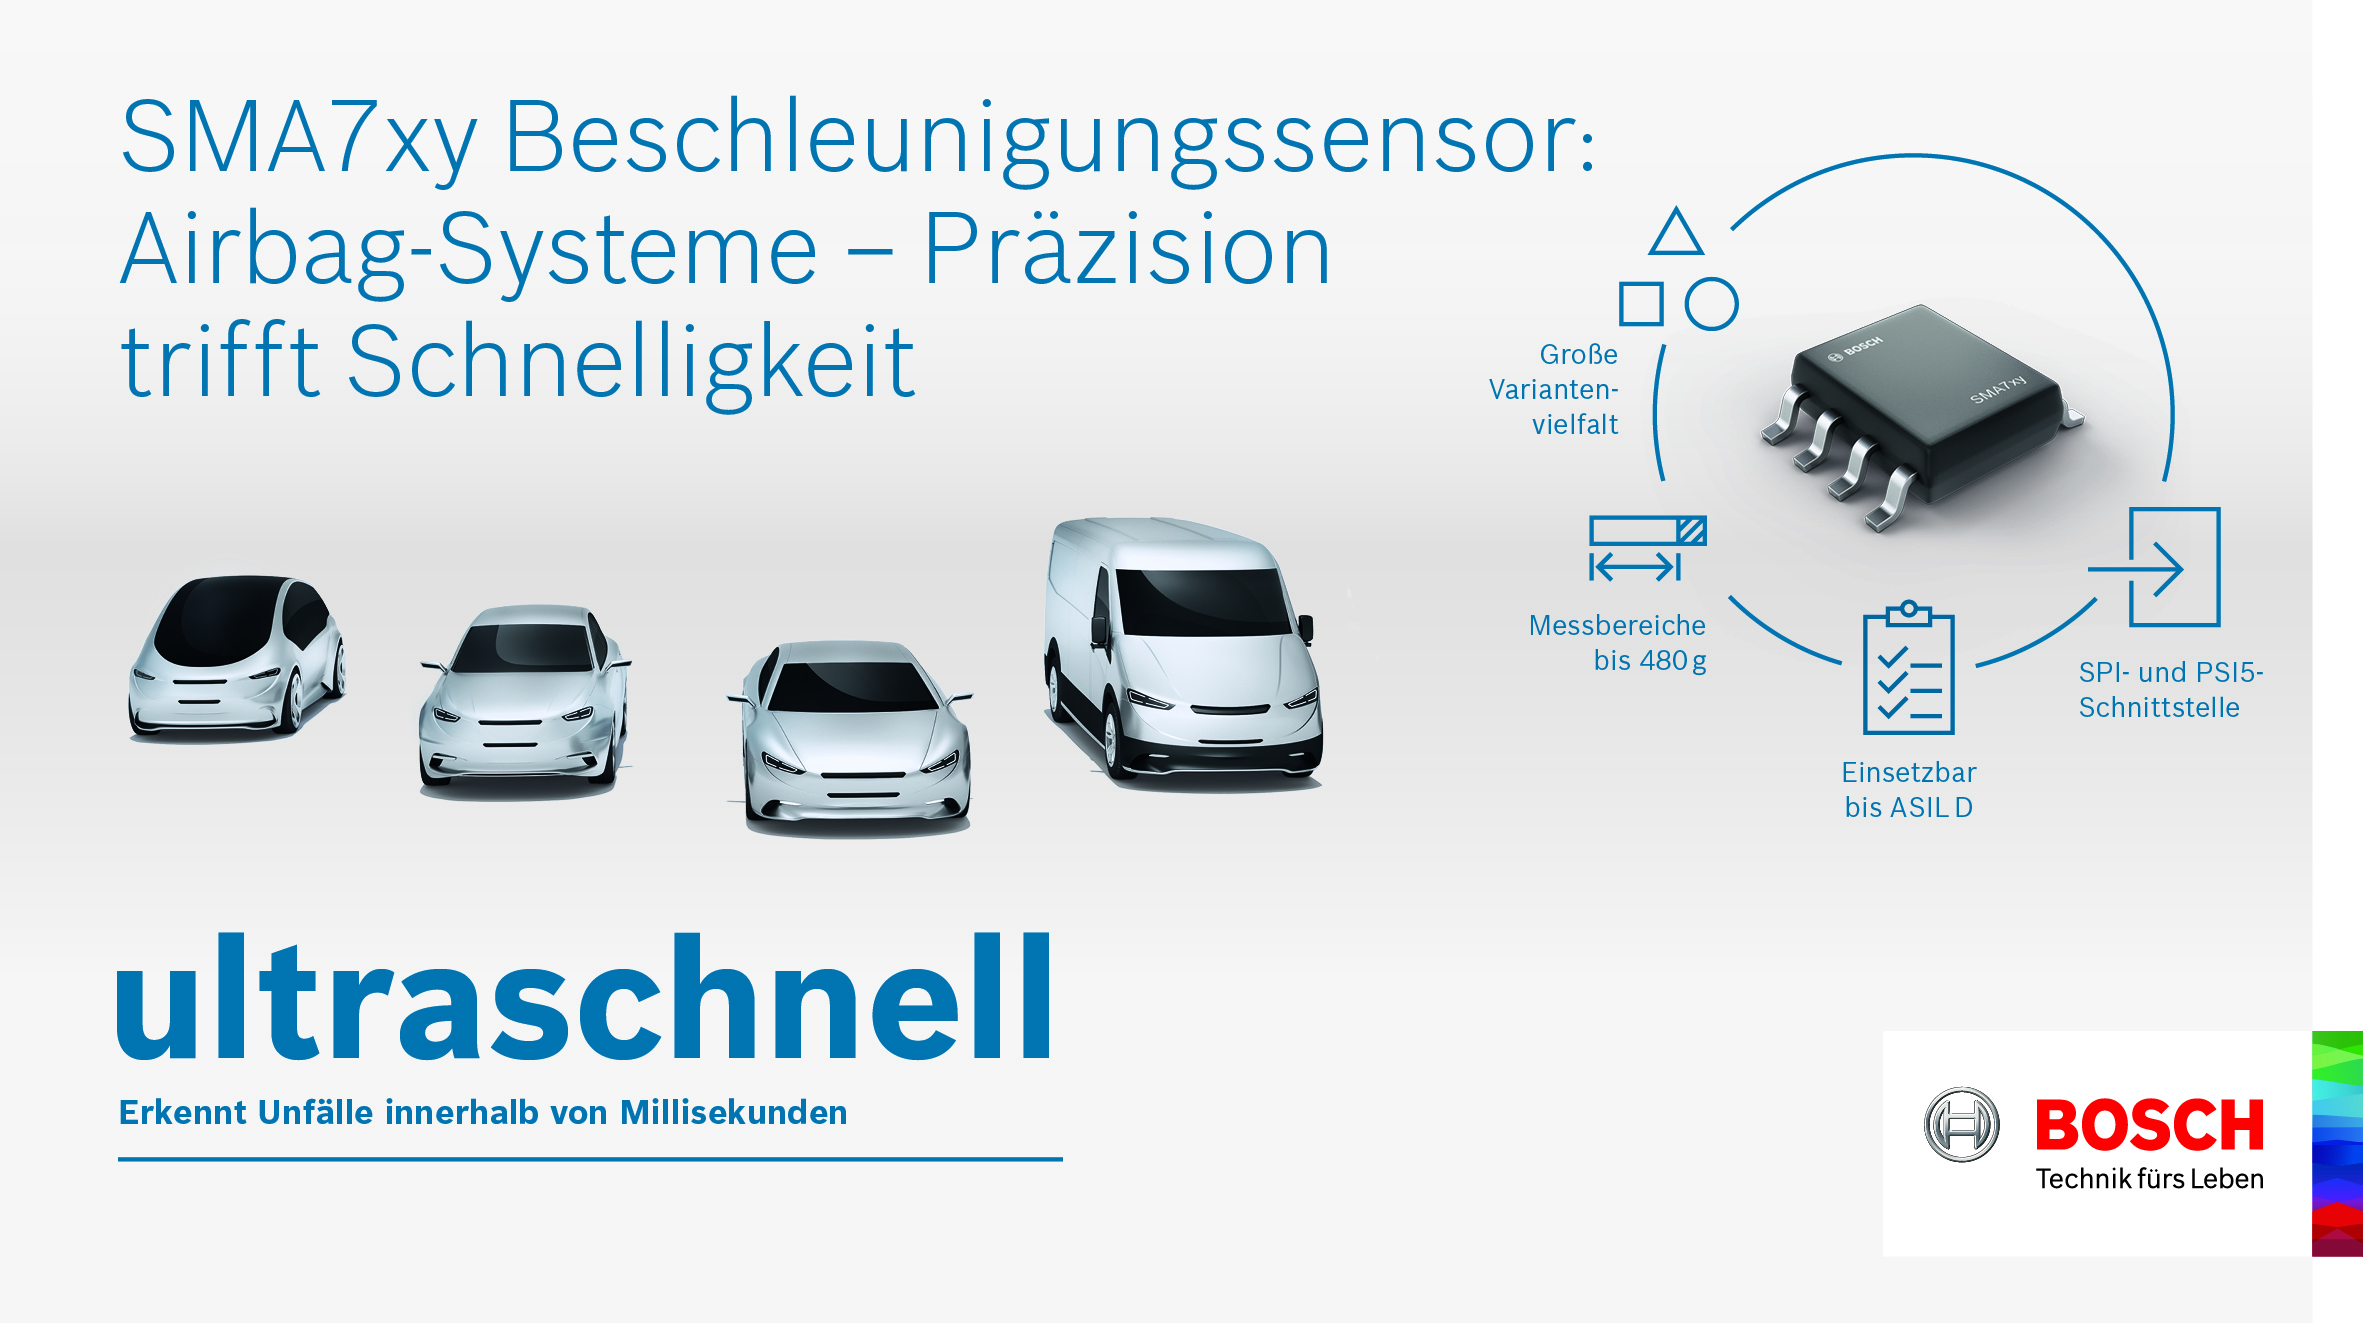 Neue Hoch-g-Beschleunigungssensoren erhöhen den Schutz für Fahrzeuginsassen.